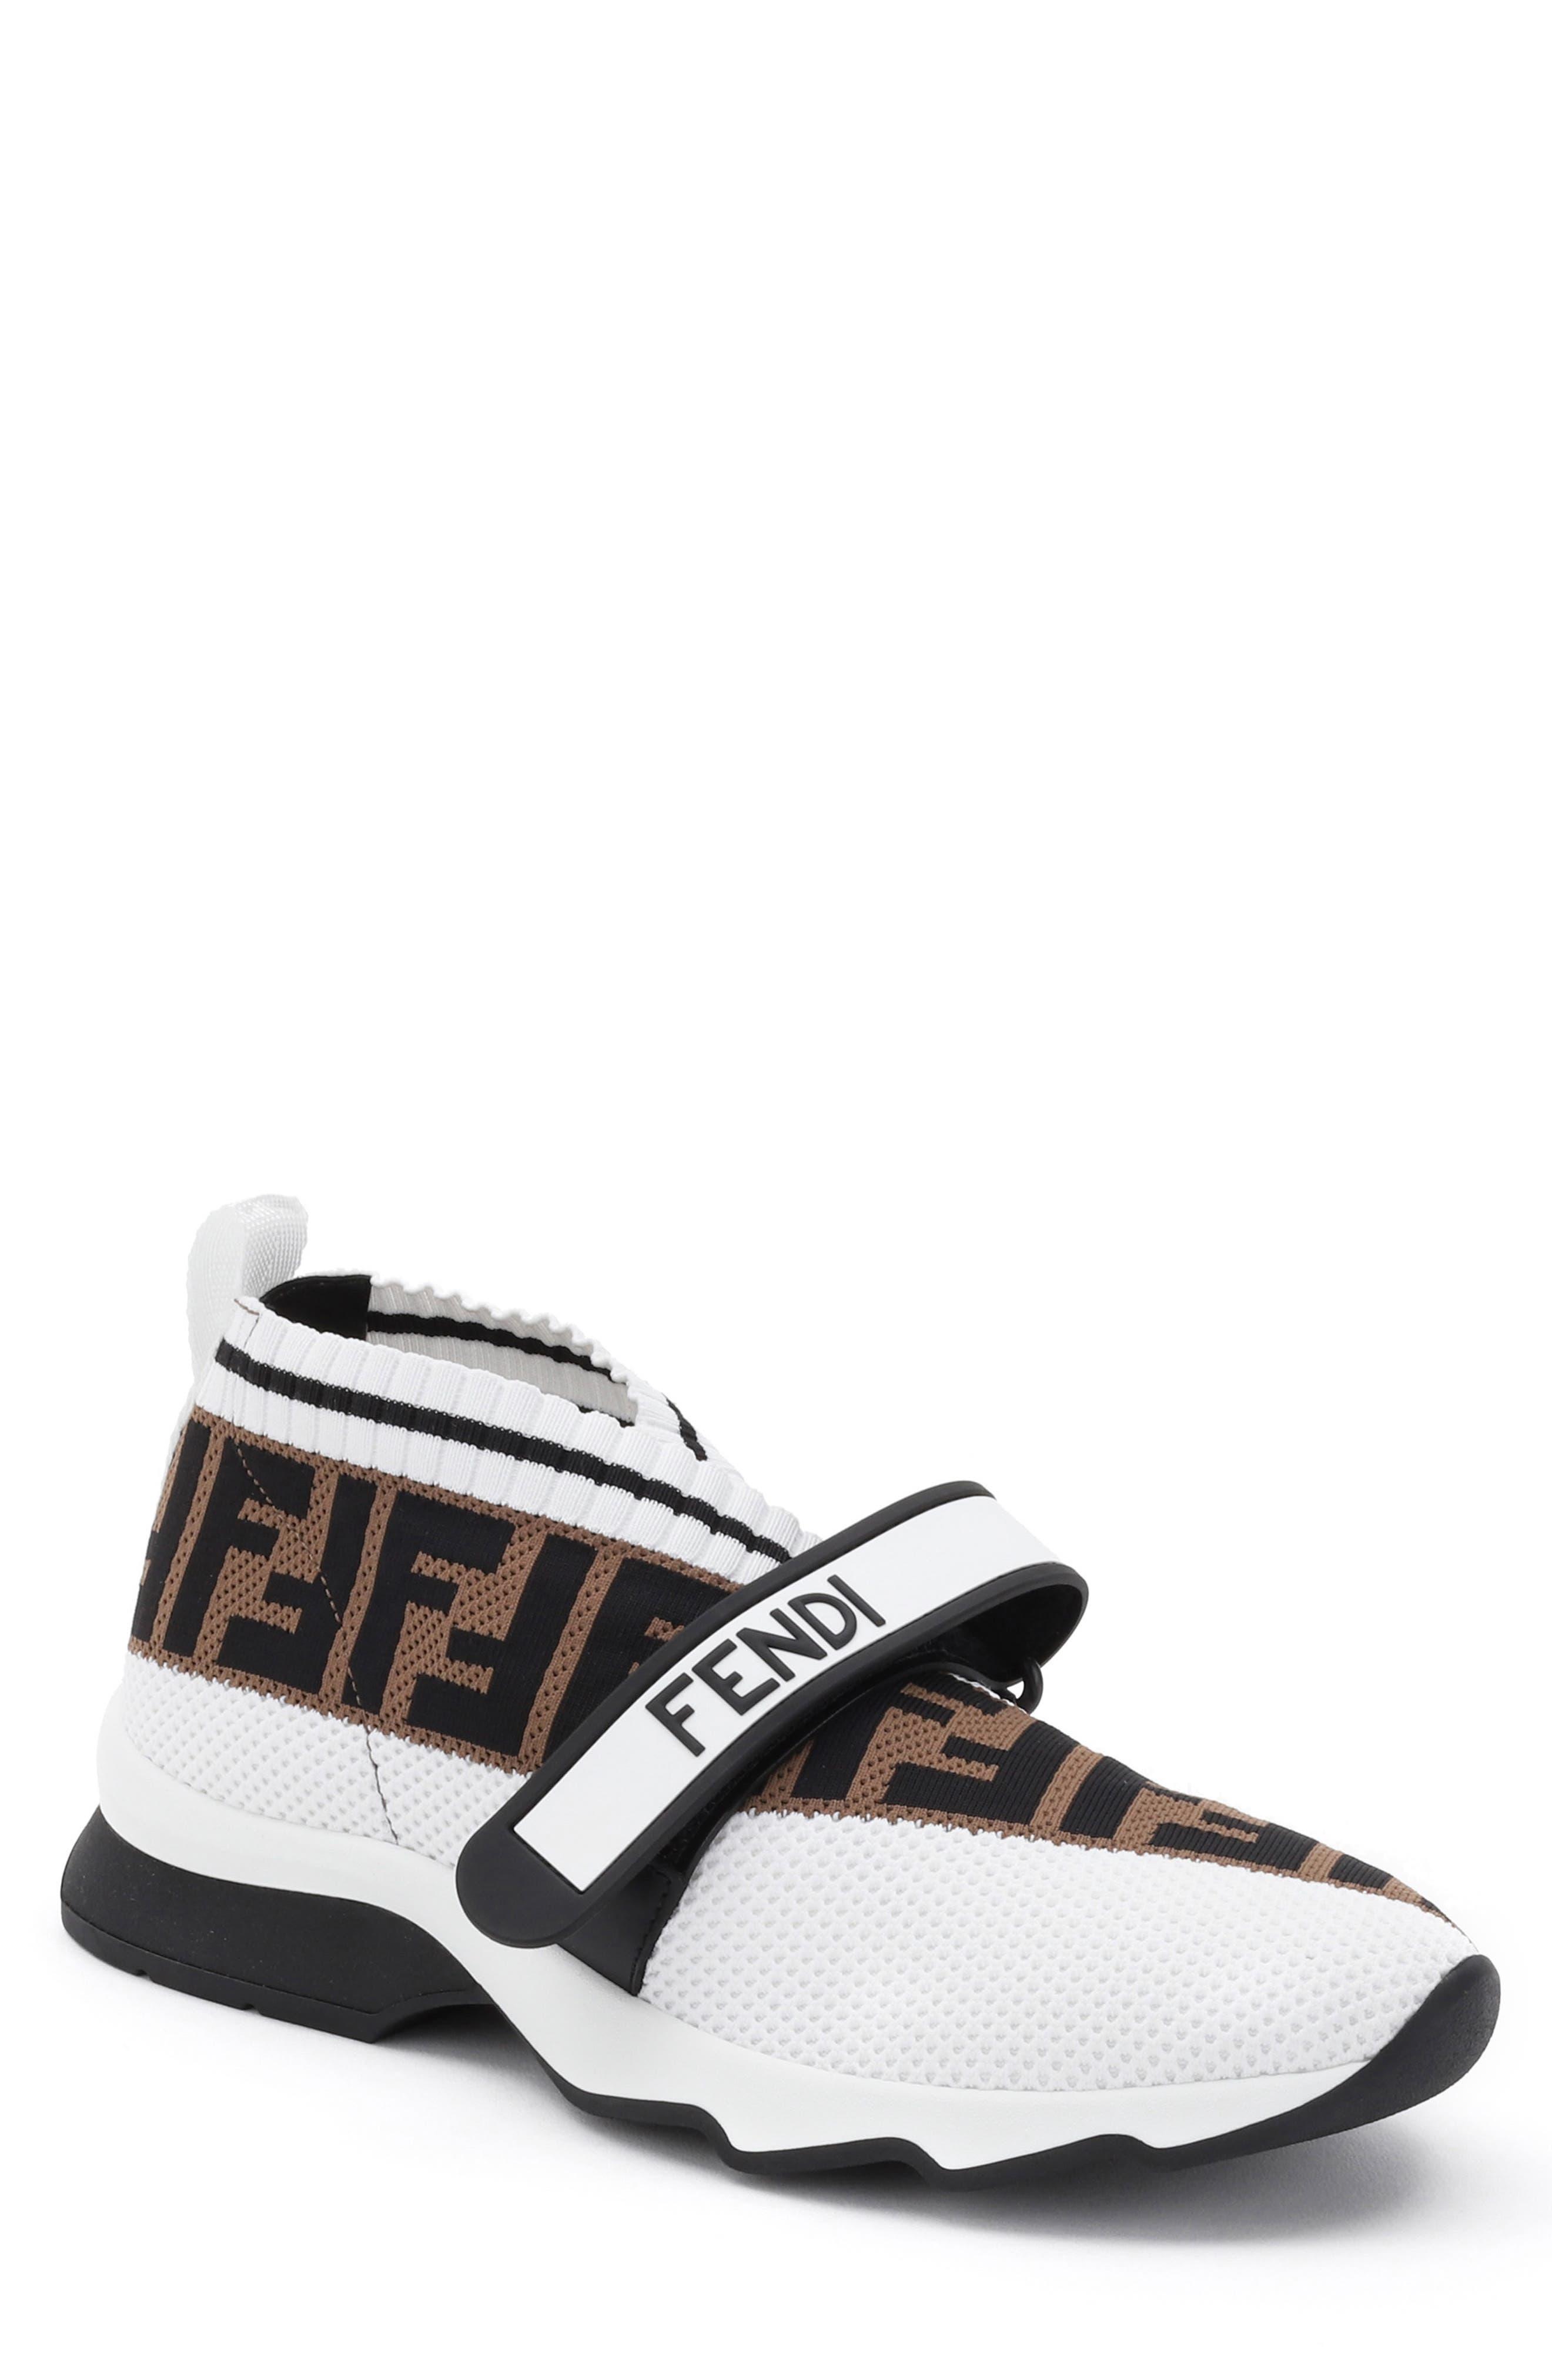 fendi sneaker women's